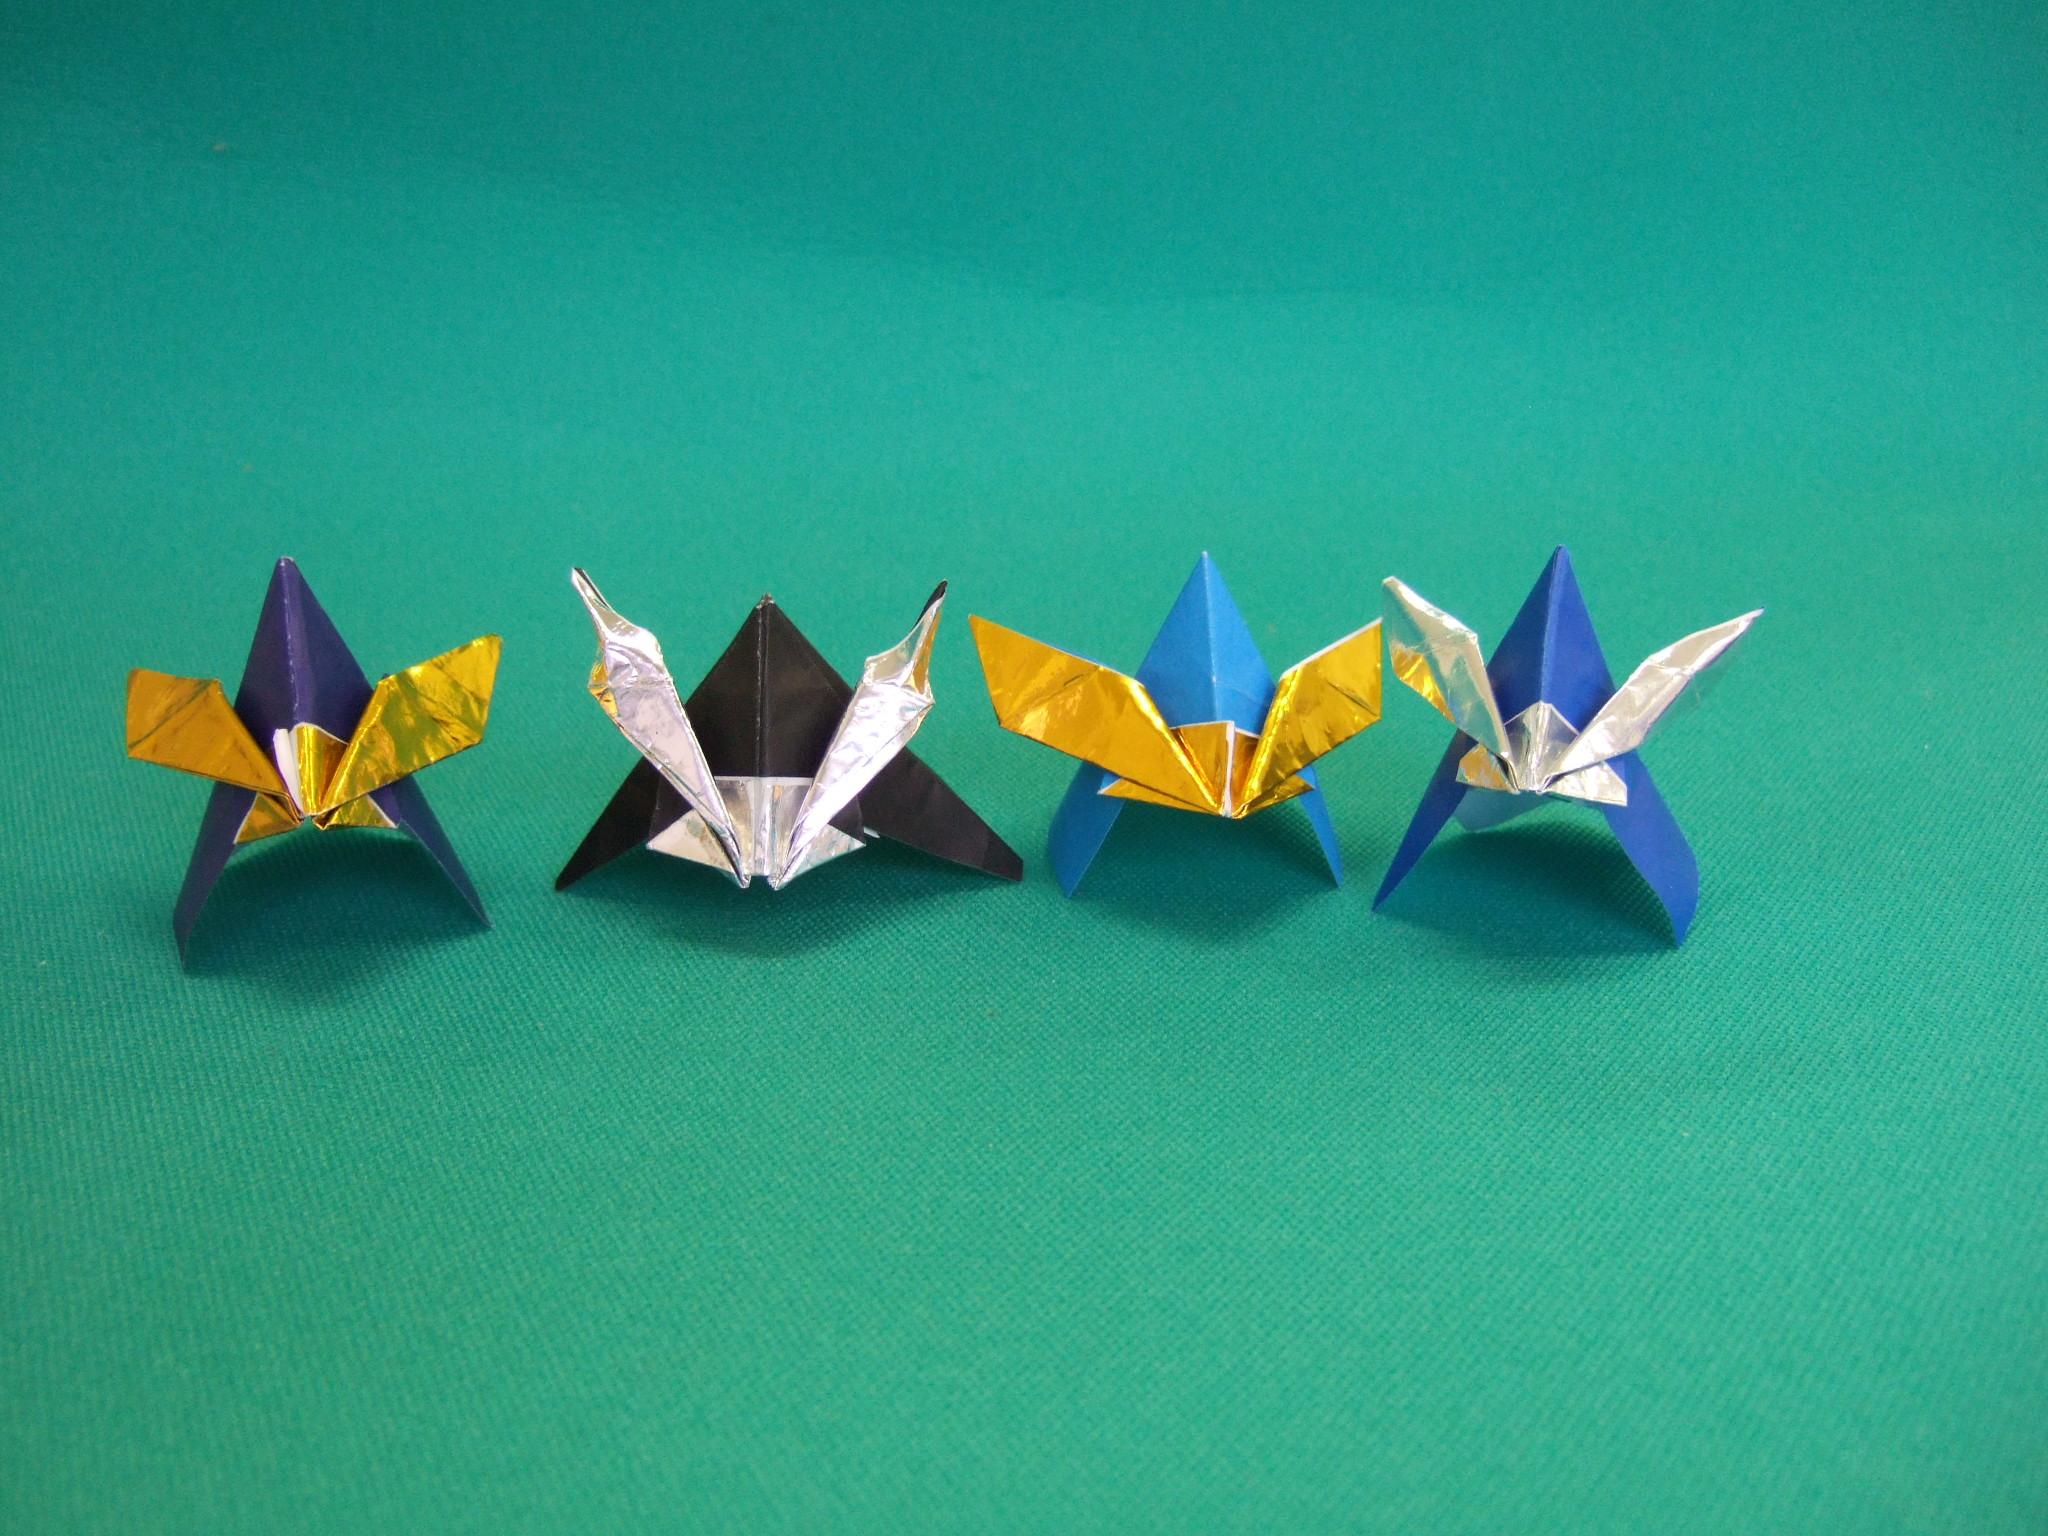 すべての折り紙 折り紙ドラえもんの折り方 : 難しい兜の折り方の画像 ...